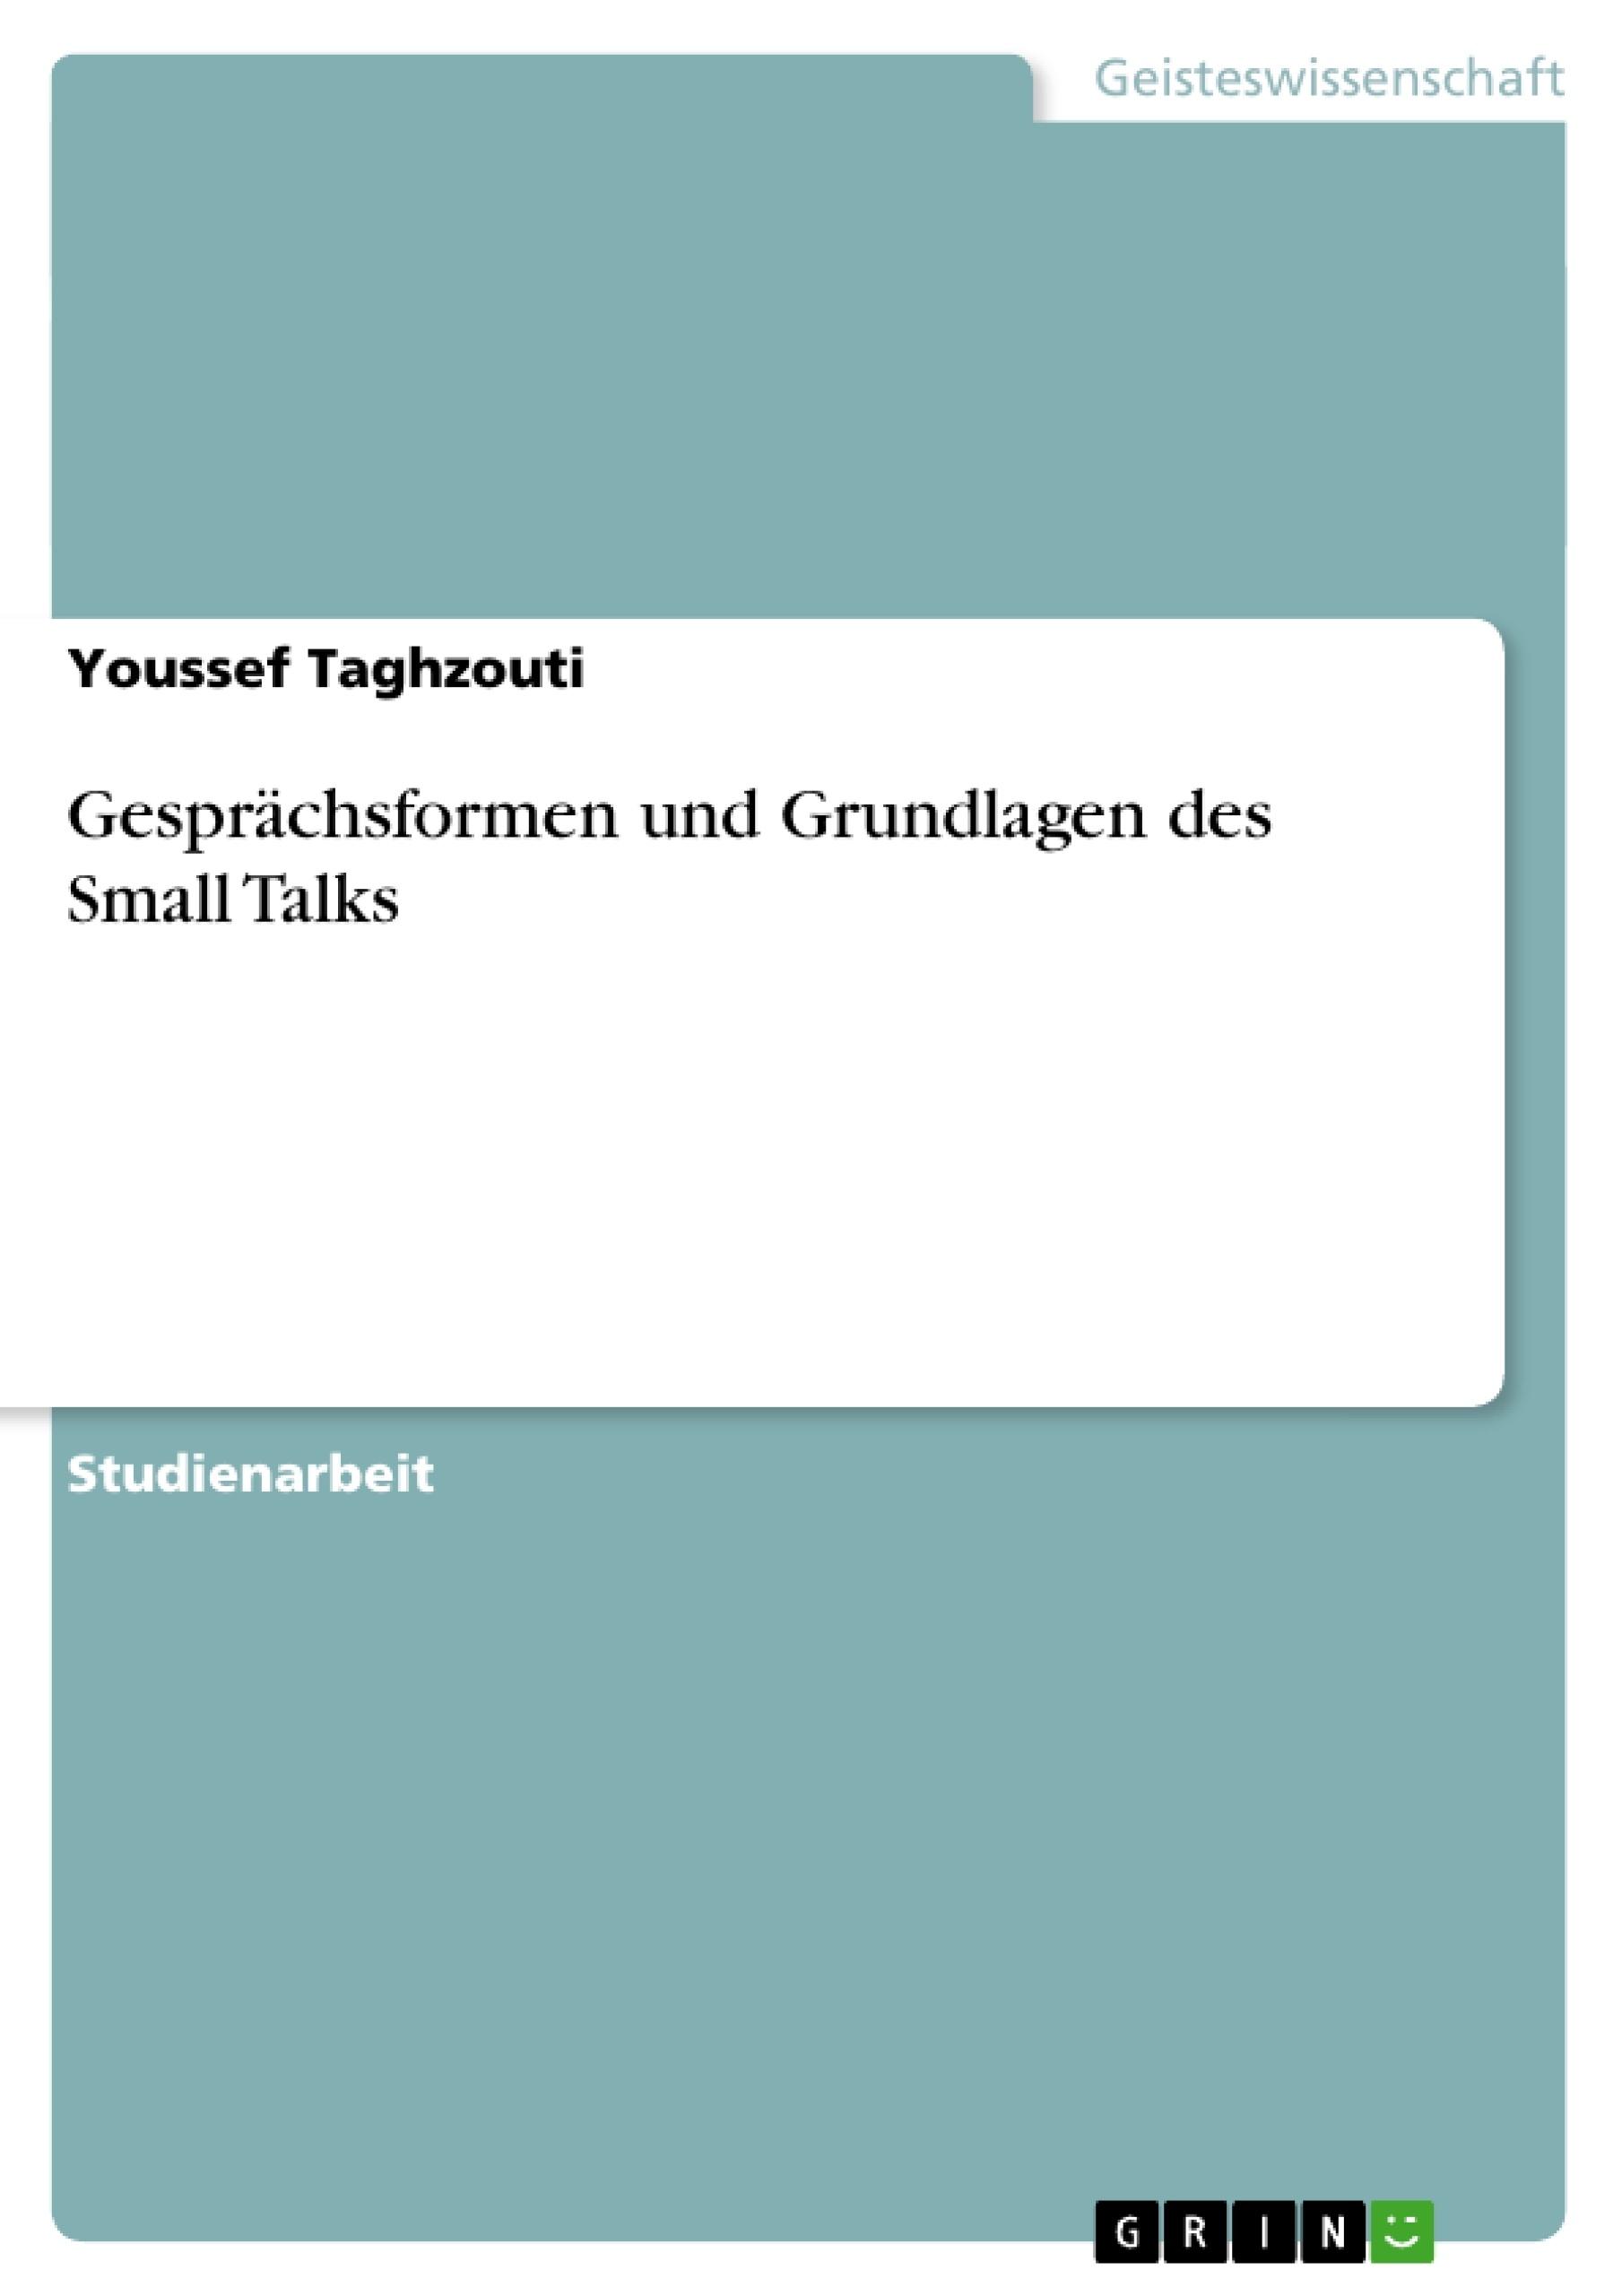 Titel: Gesprächsformen und Grundlagen des Small Talks